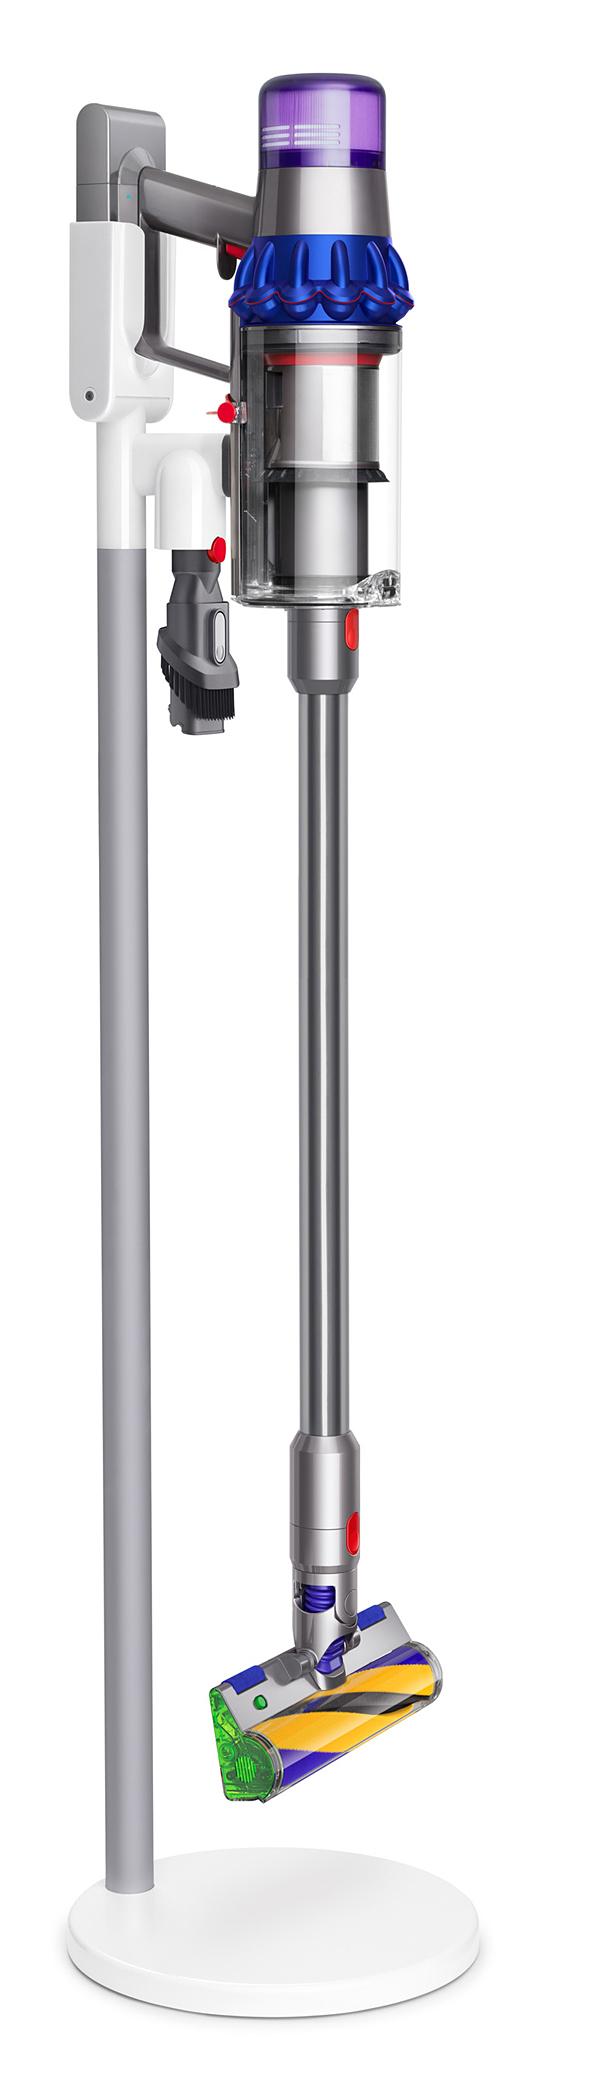 Dyson Staubsauger V15 Detect mit Laser-Stauberkennung.